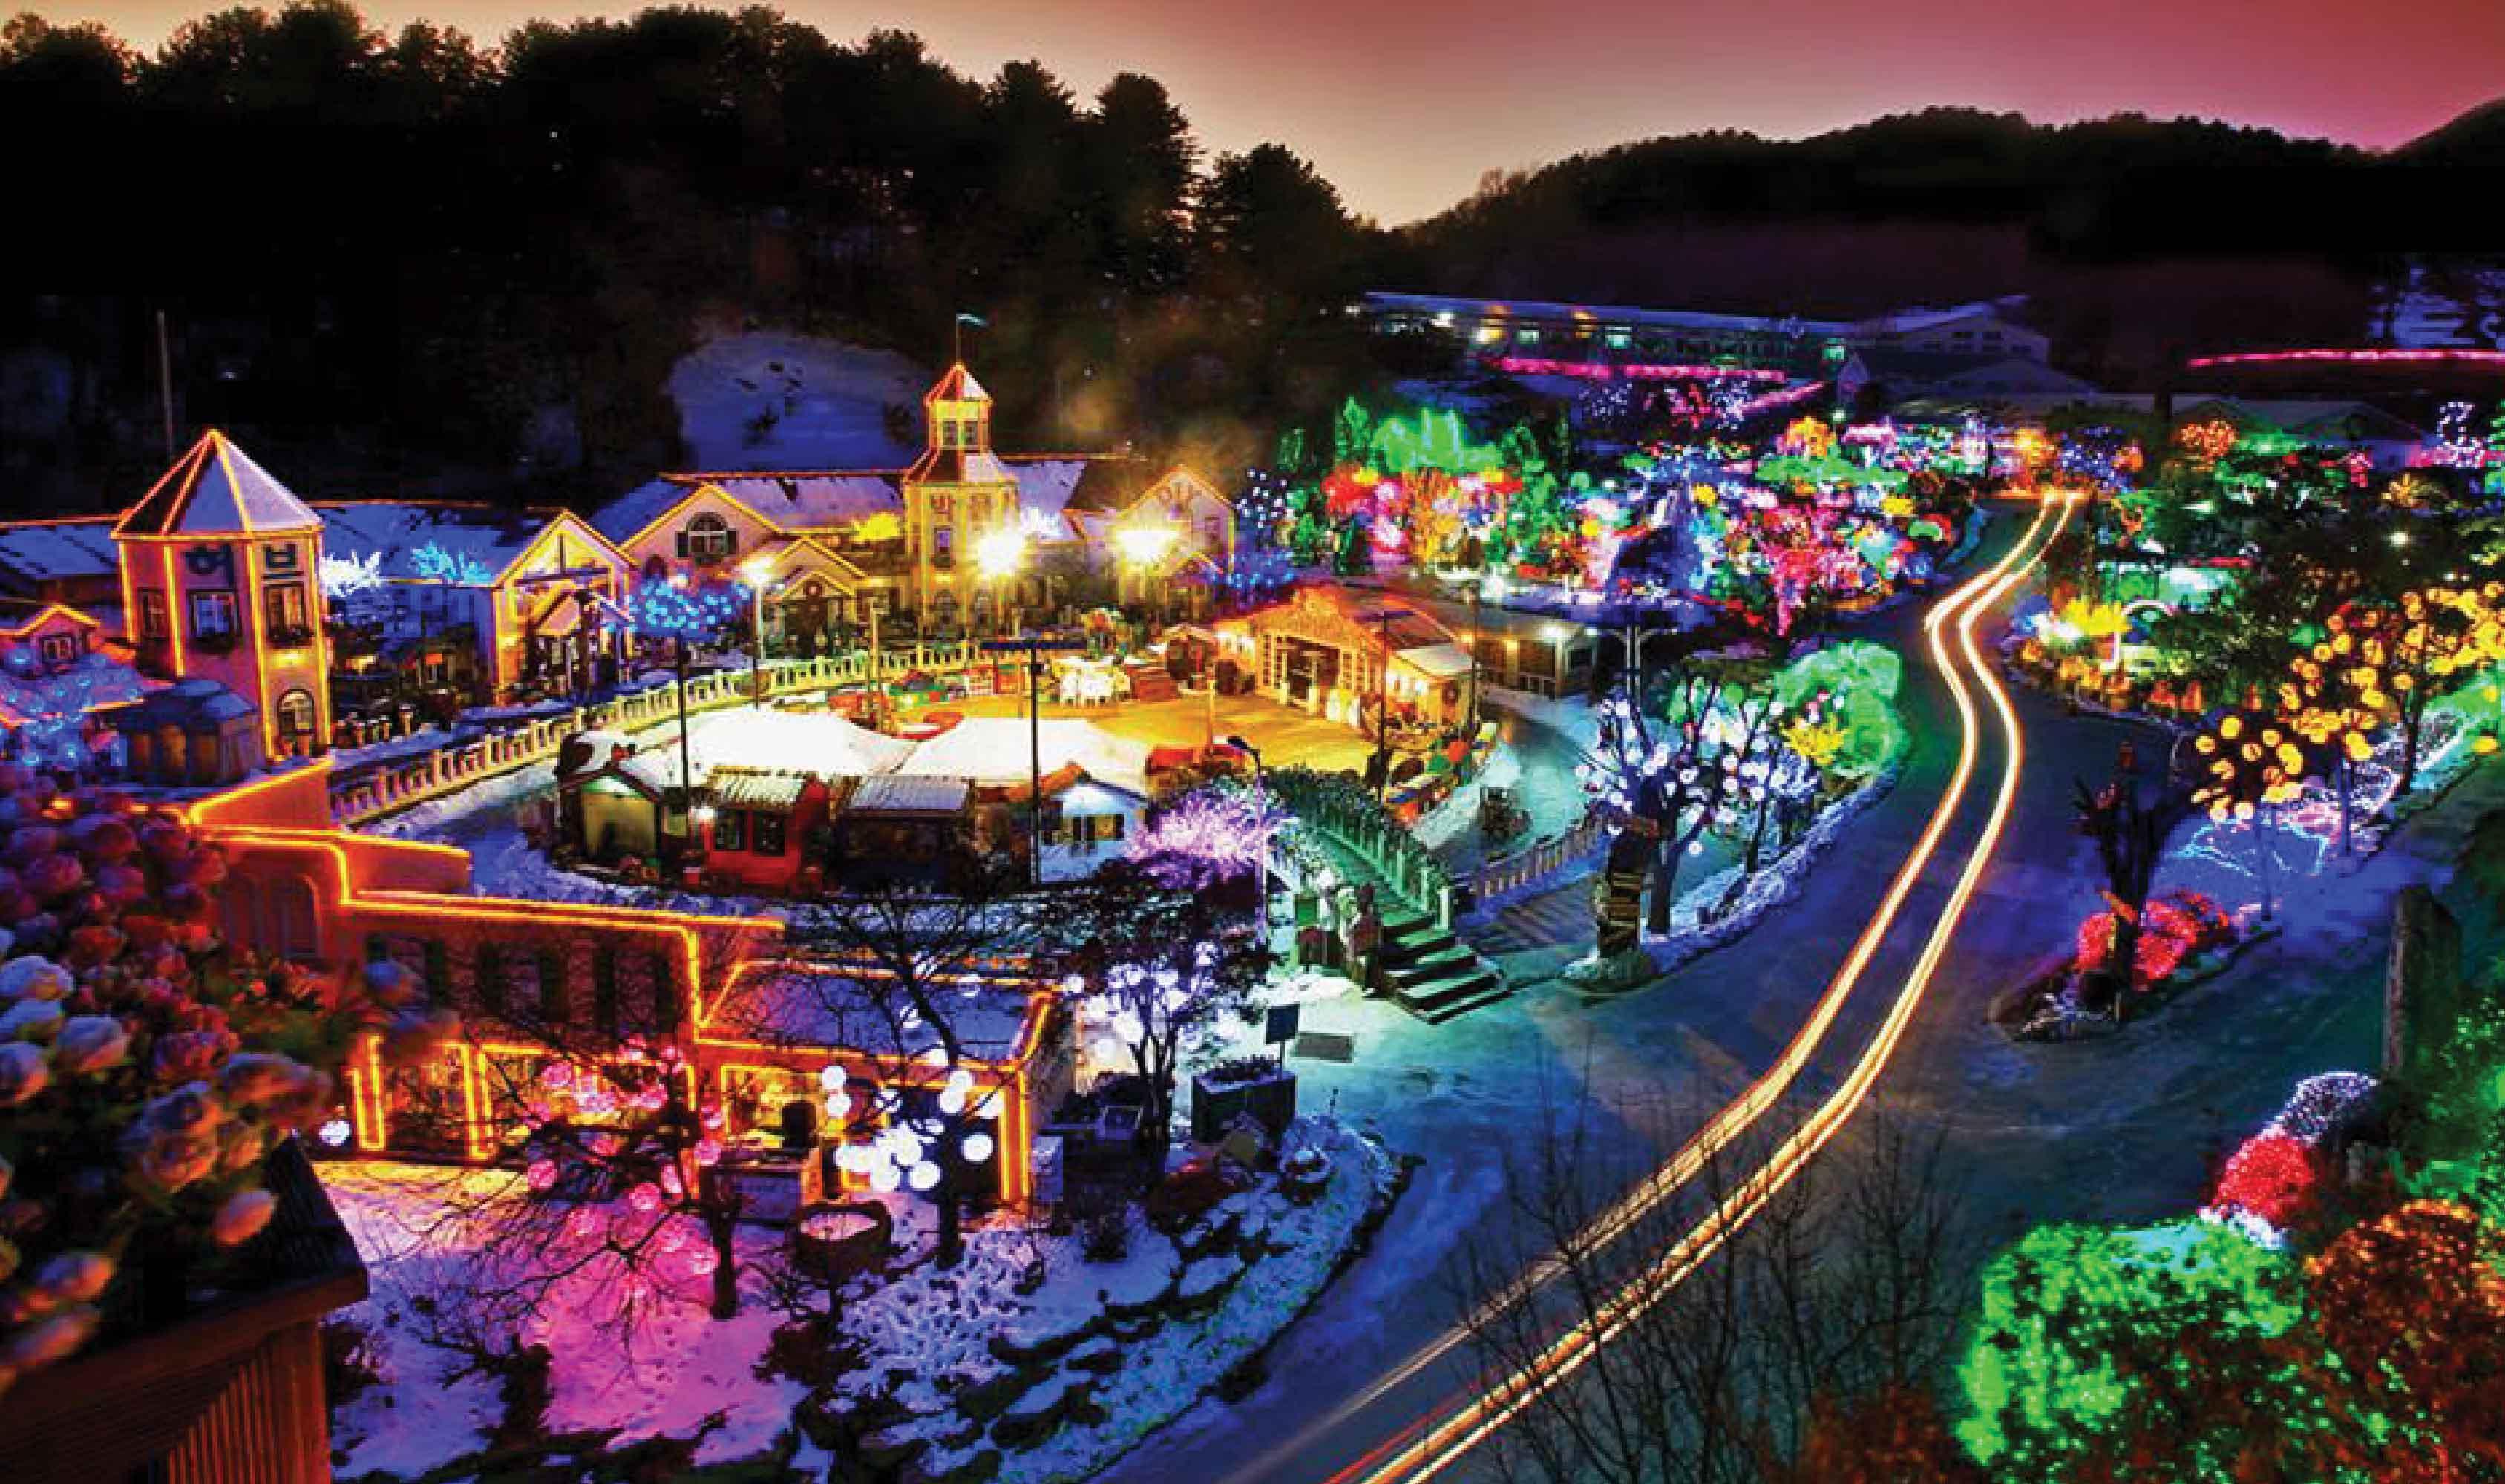 ทัวร์เกาหลี โซลทาวเวอร์ เทศกาลประดับไฟ 4วัน 3 คืน บินแอร์เอเชีย X (XJ)